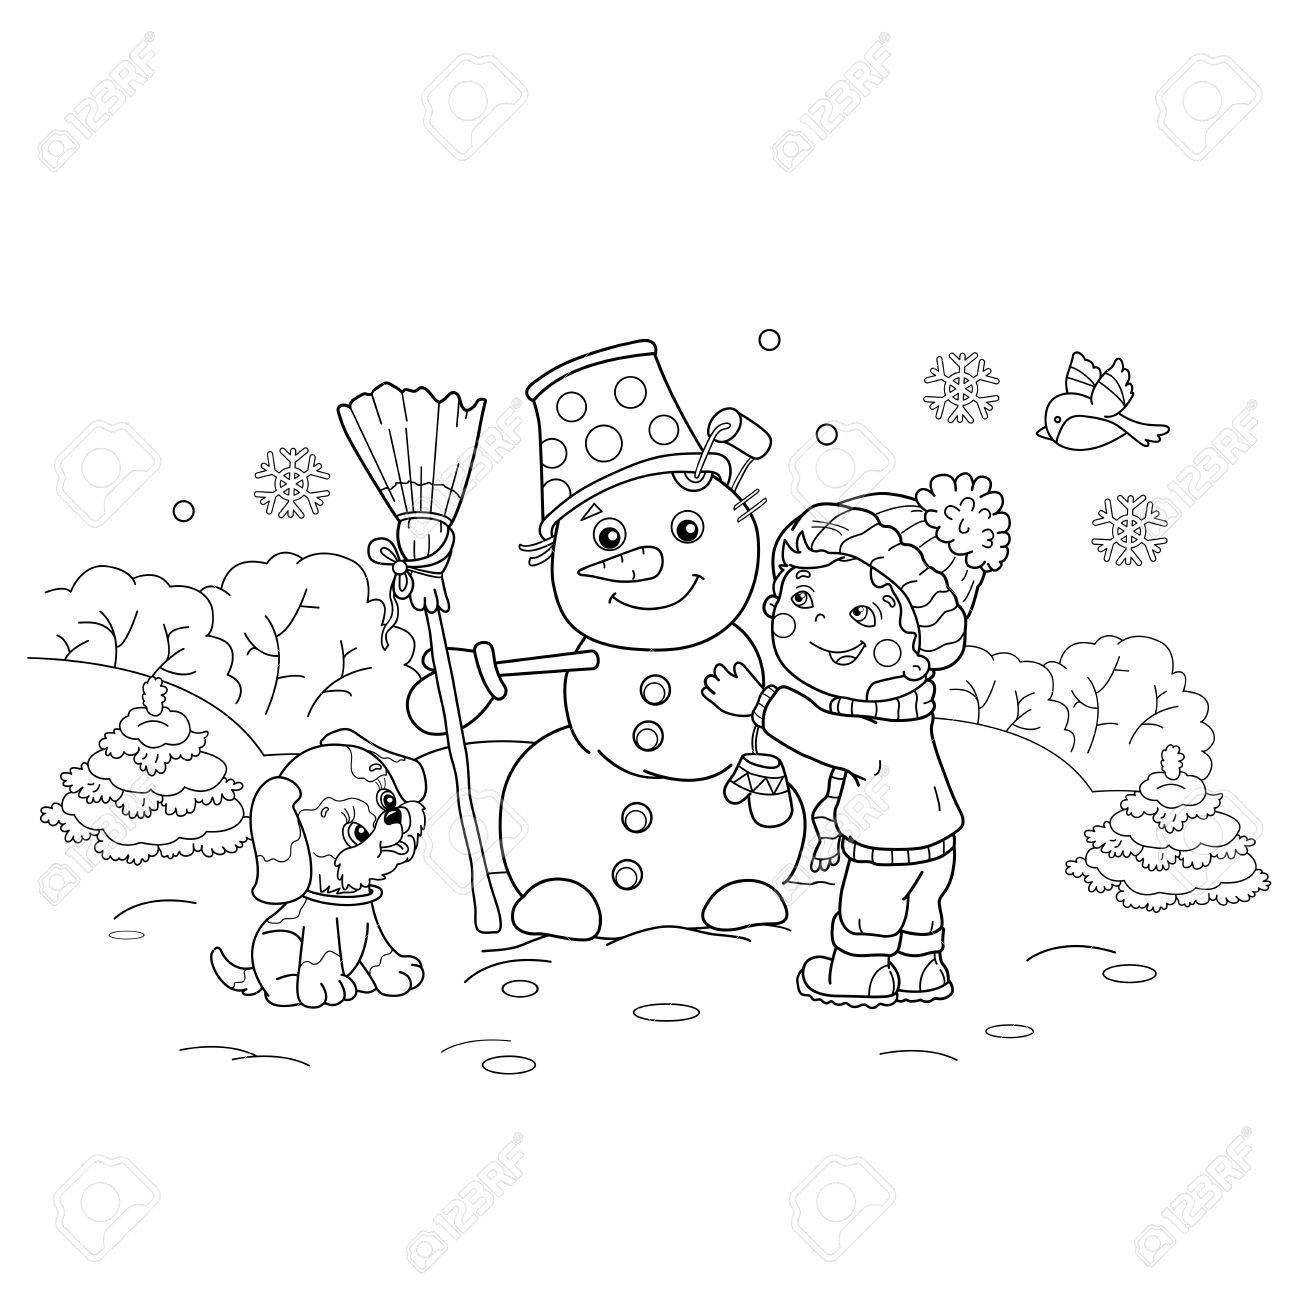 Contemporáneo Página Para Colorear Muñeco De Nieve Ideas - Dibujos ...